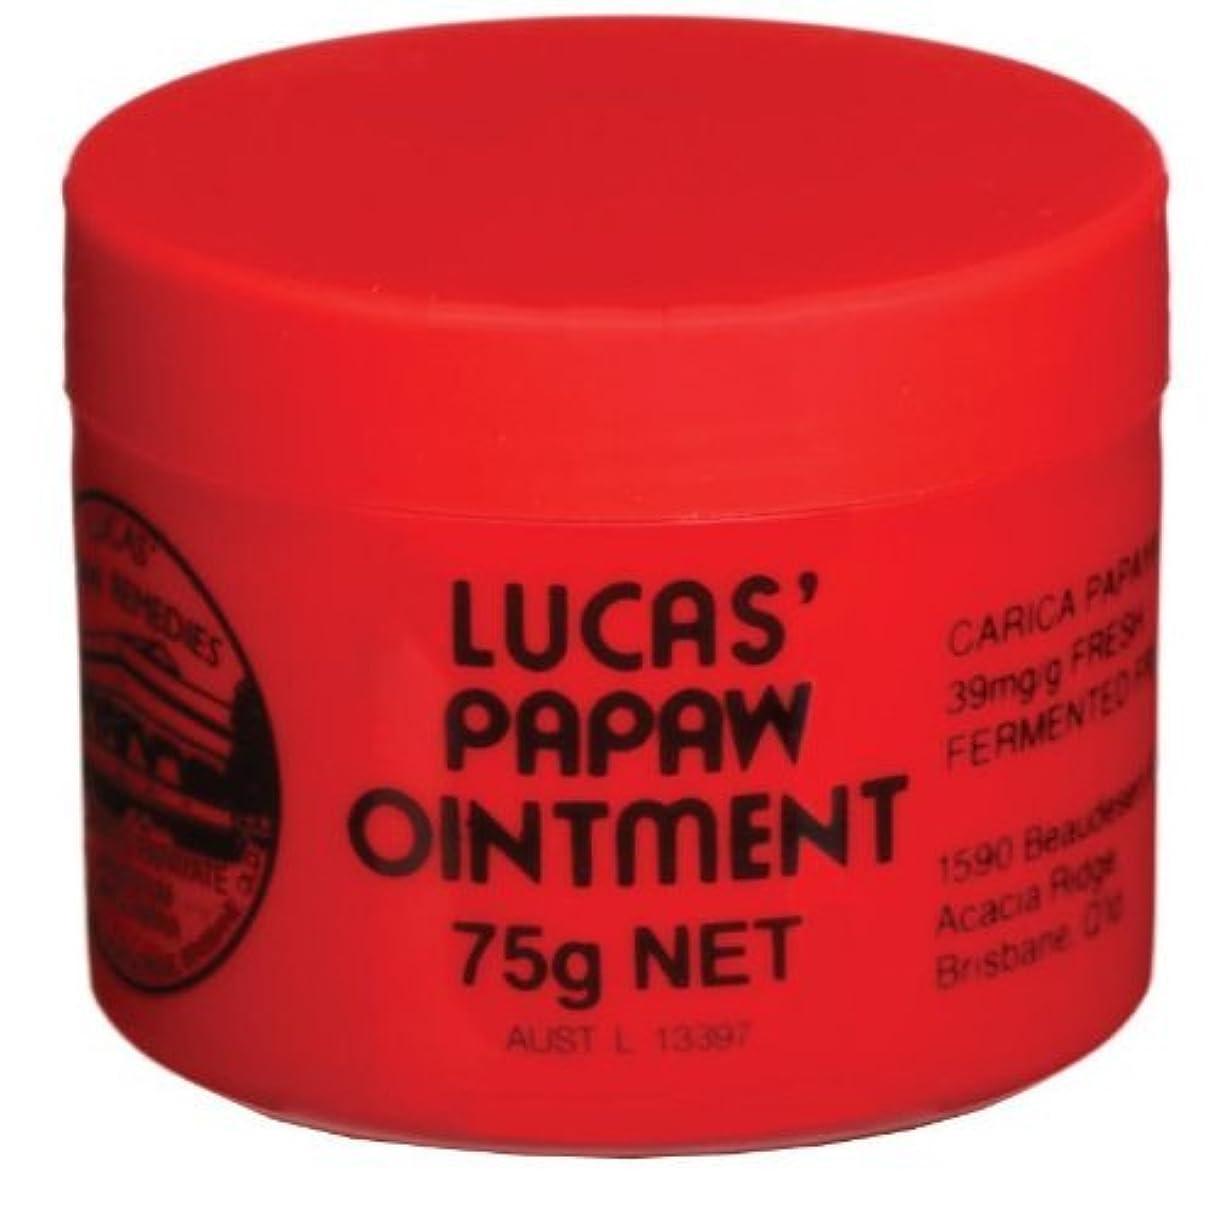 ケーブルカー対応本質的に[Lucas' Papaw Ointment] ルーカスポーポークリーム 75g